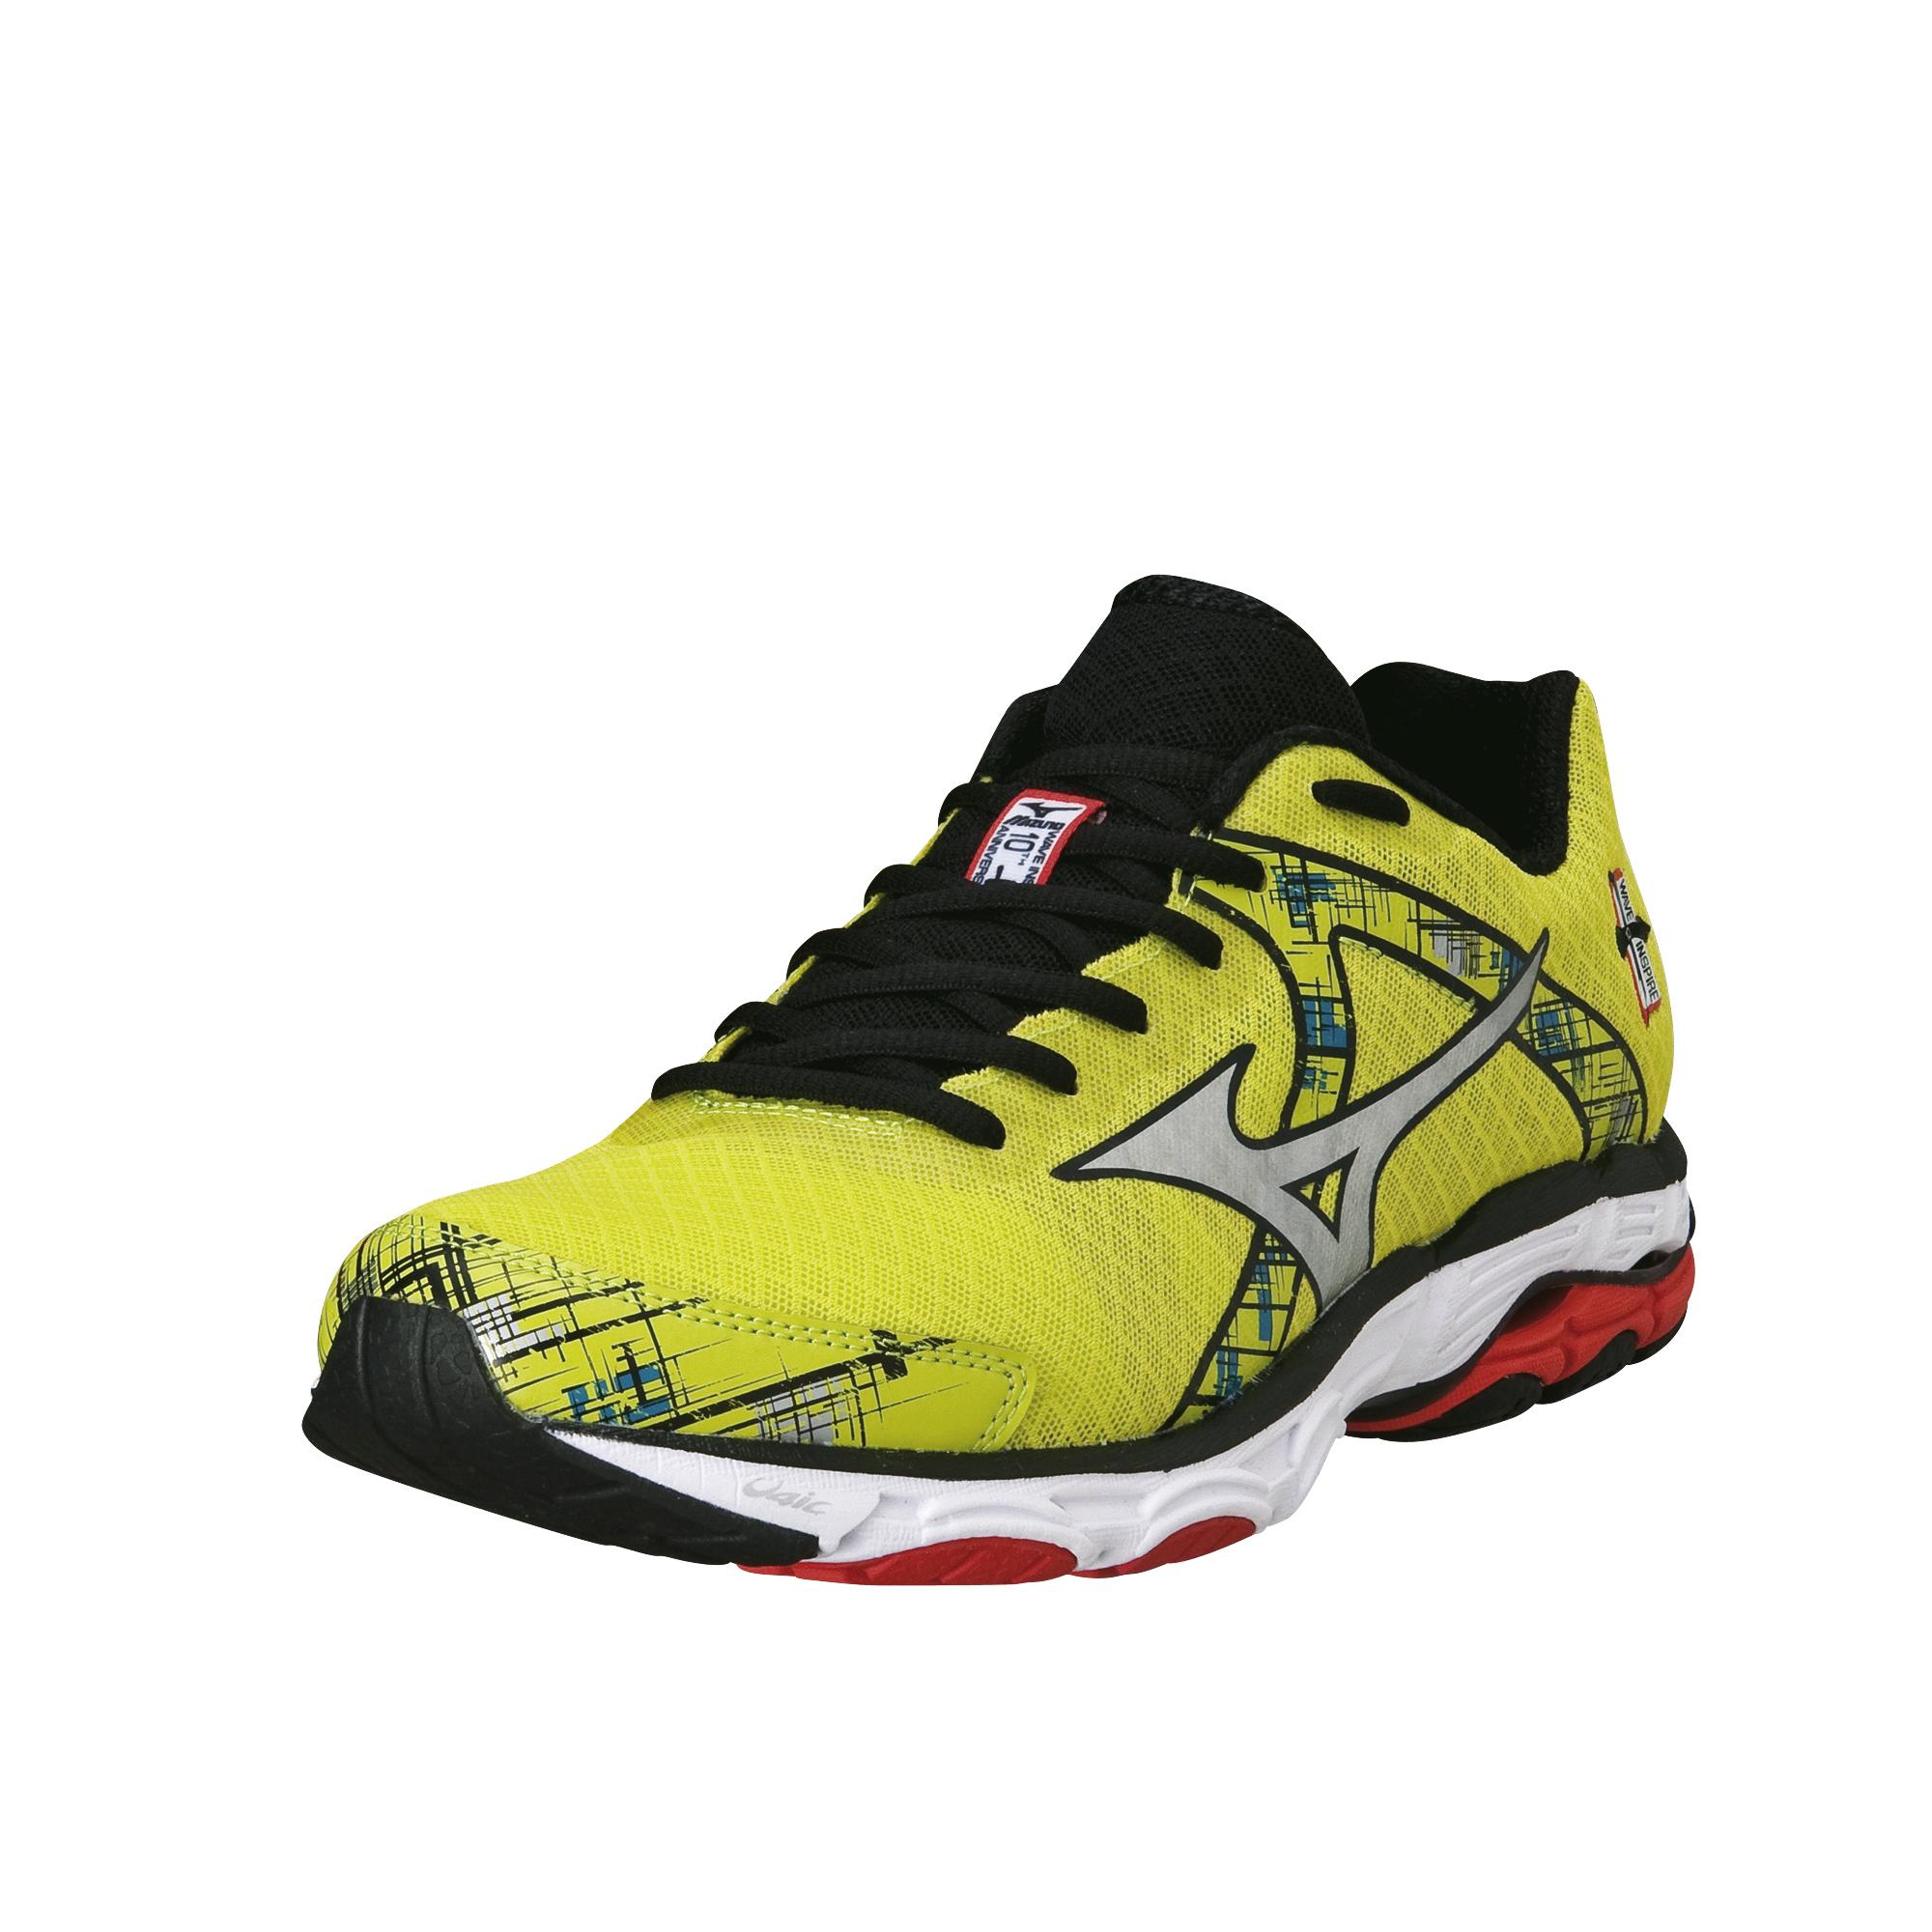 535f6cdffd3 Bežecká obuv - typové rozdelenie - Bežecká obuv